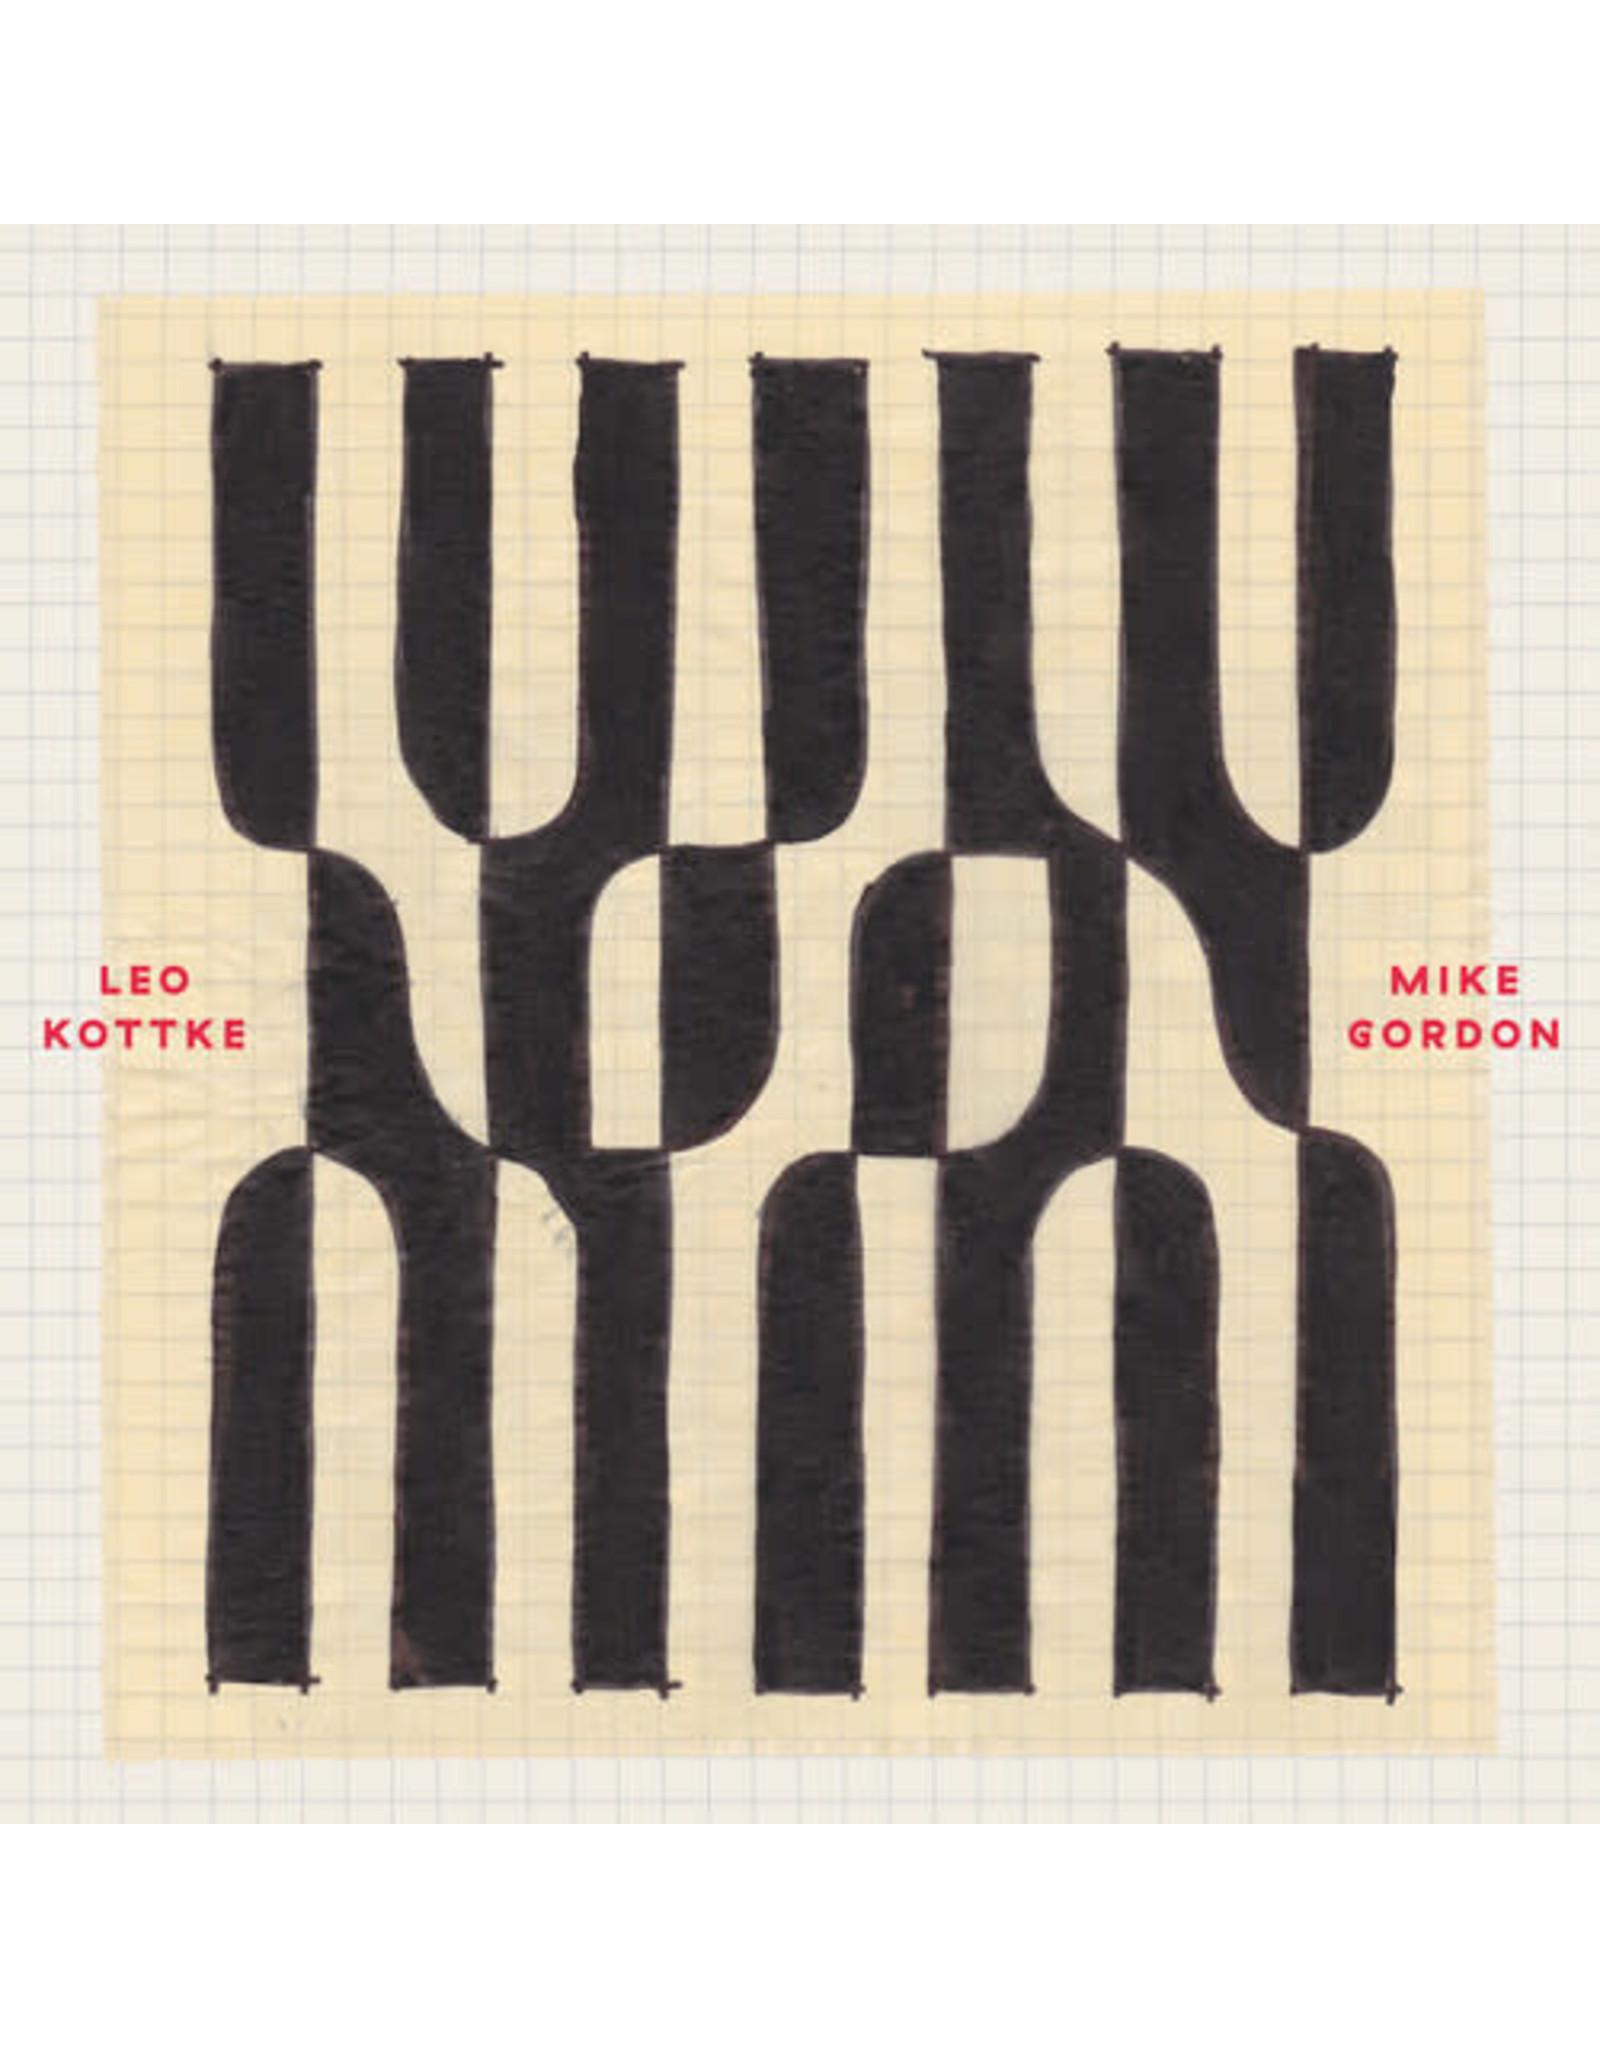 Kottke, Leo - Mike Gordon / Noon (Red-Gold Vinyl)